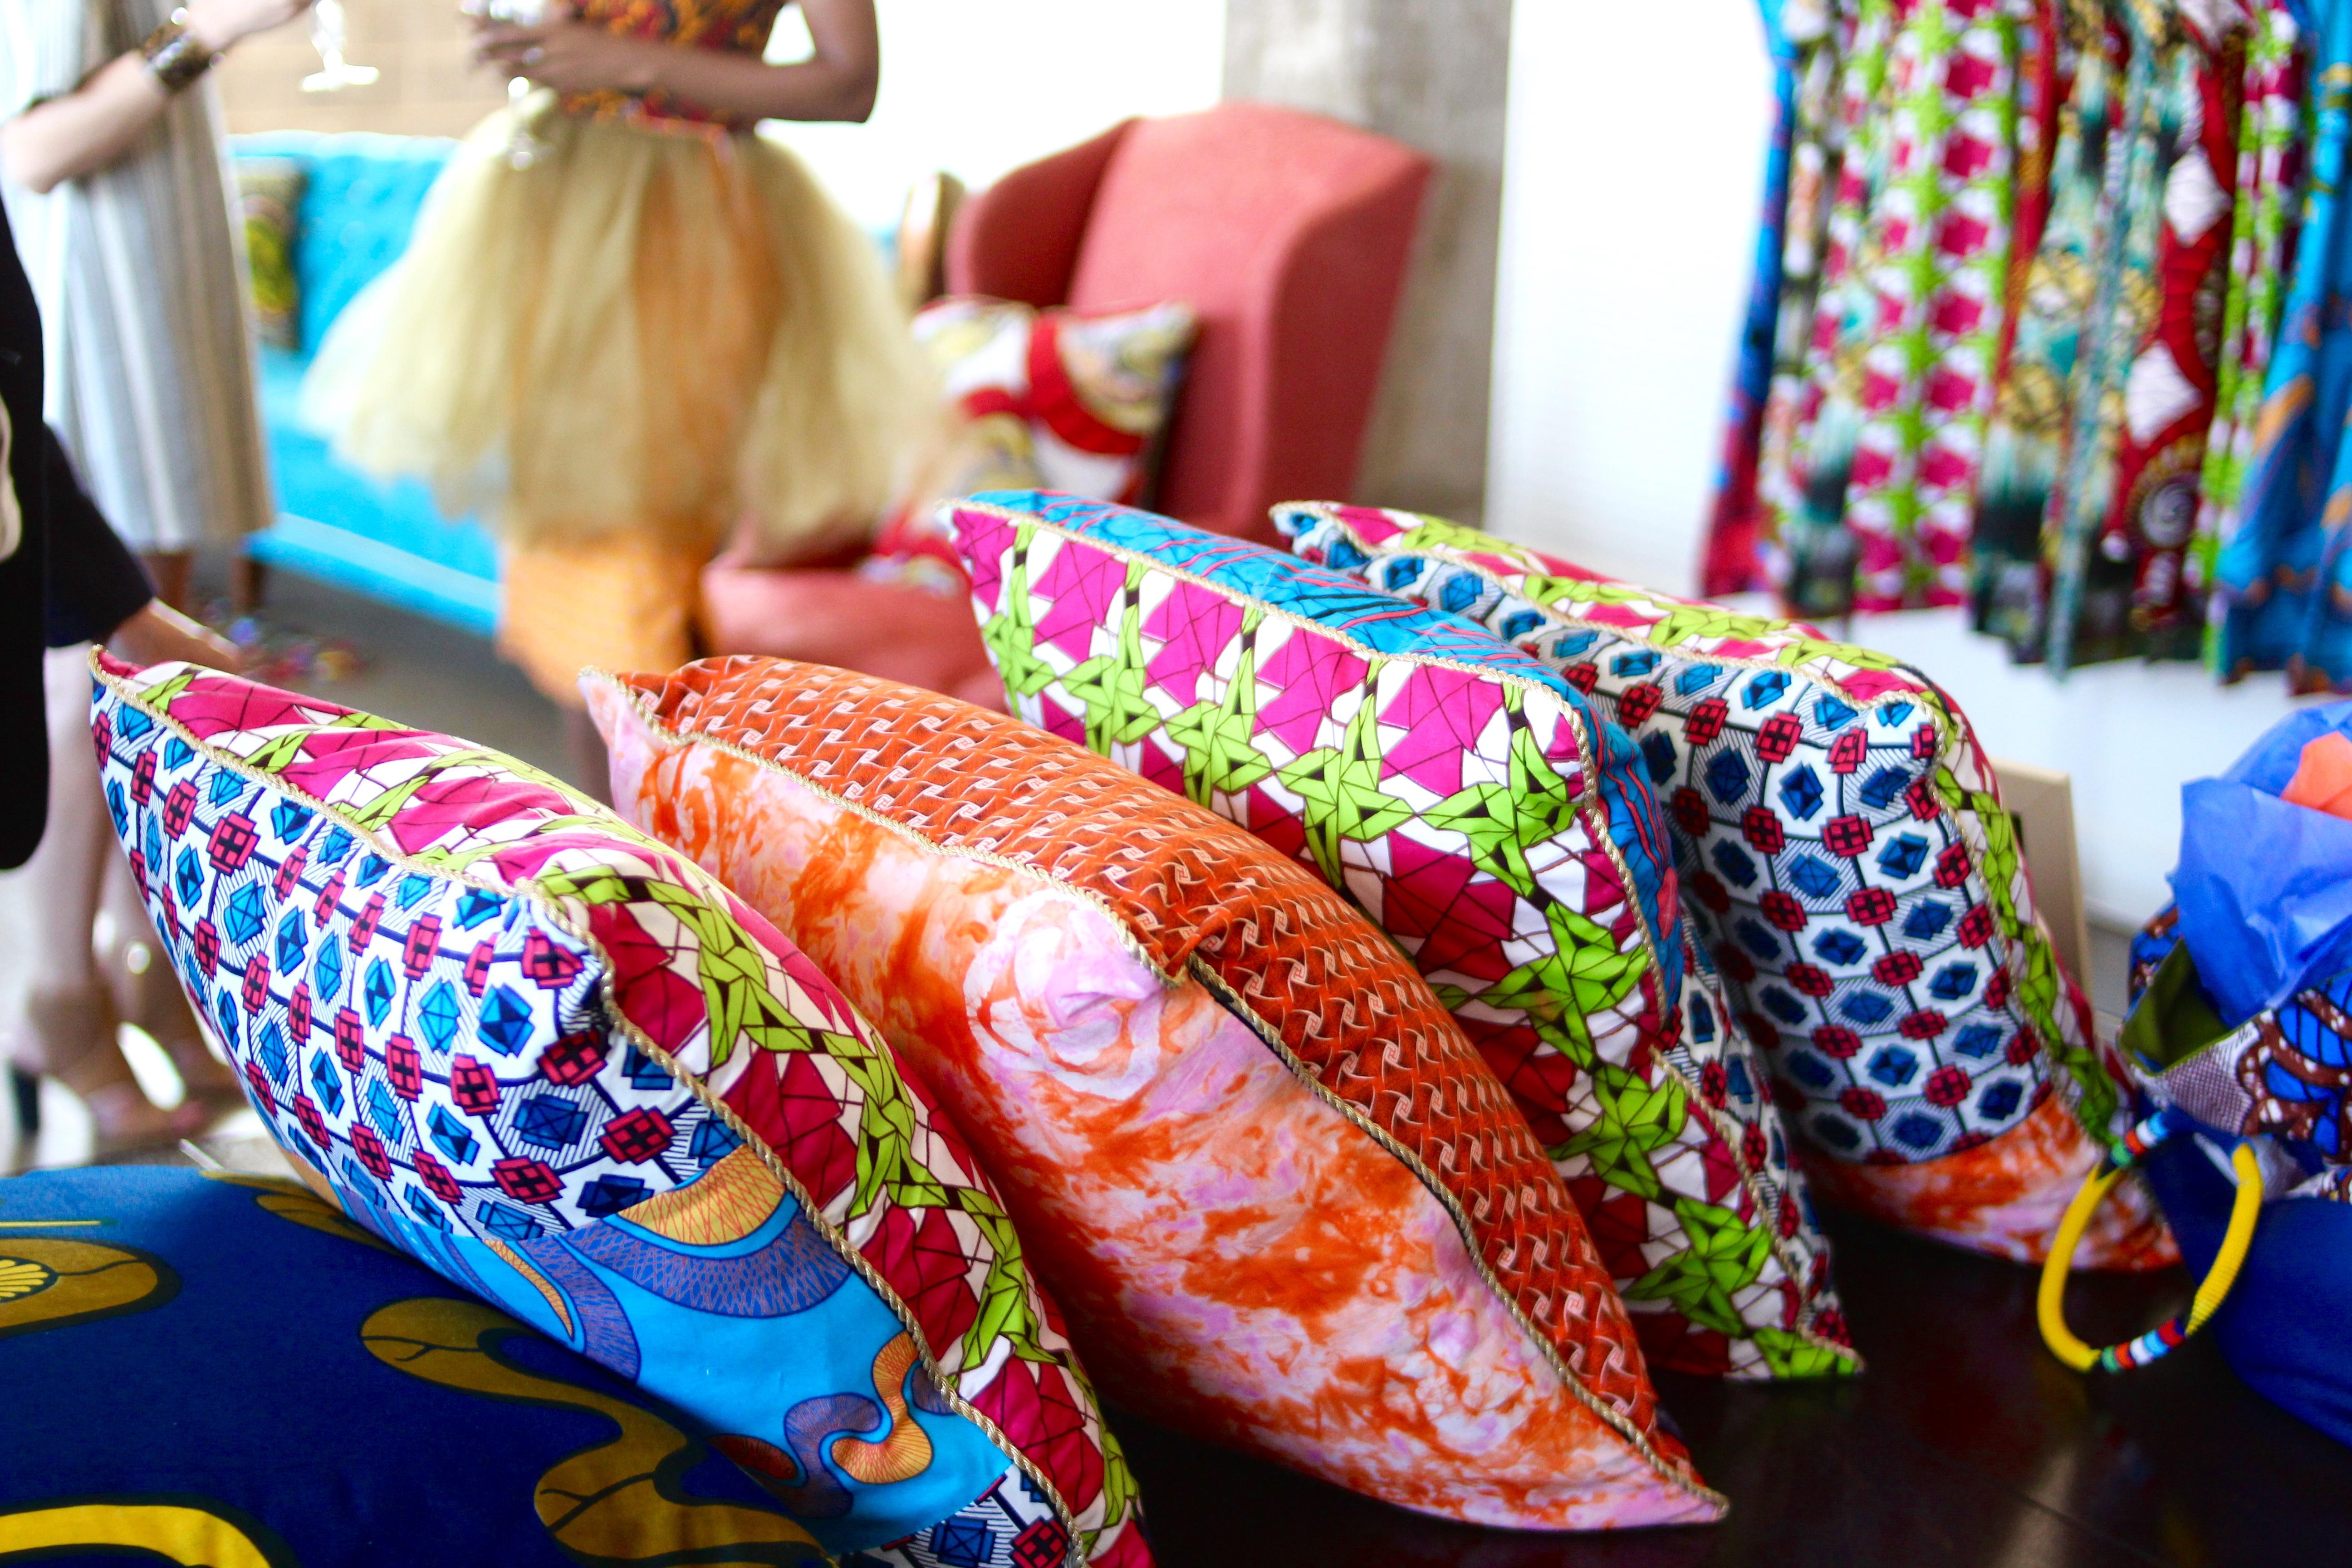 img 3101 - Technicolor Dreams at Neobantu